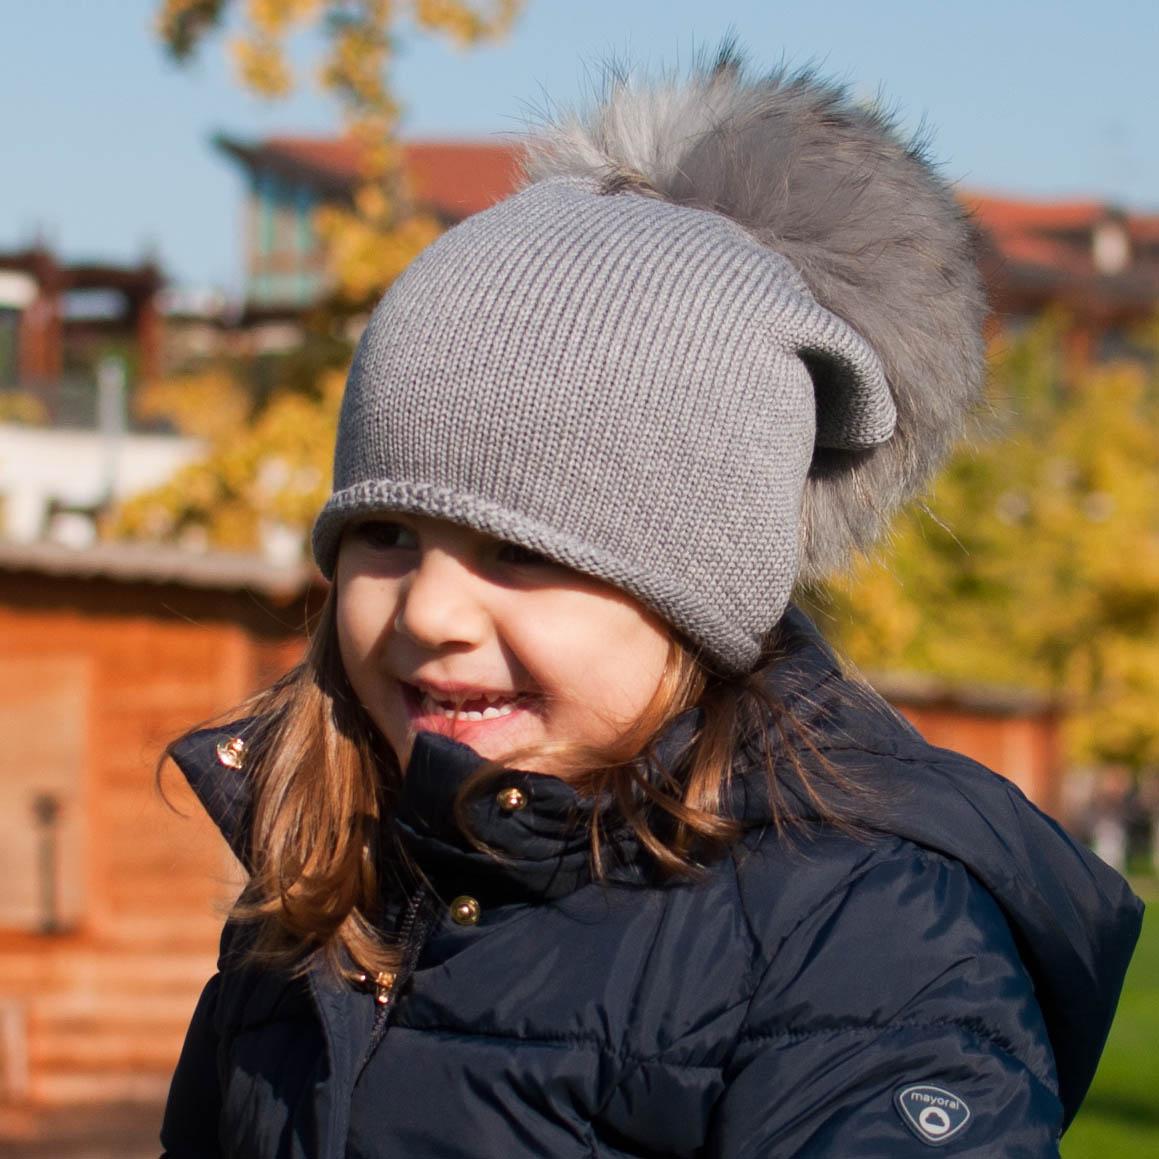 Cuffie e cappelli di lana e cotone vengono poi impreziositi dagli iconici  pon pon cfa932693244